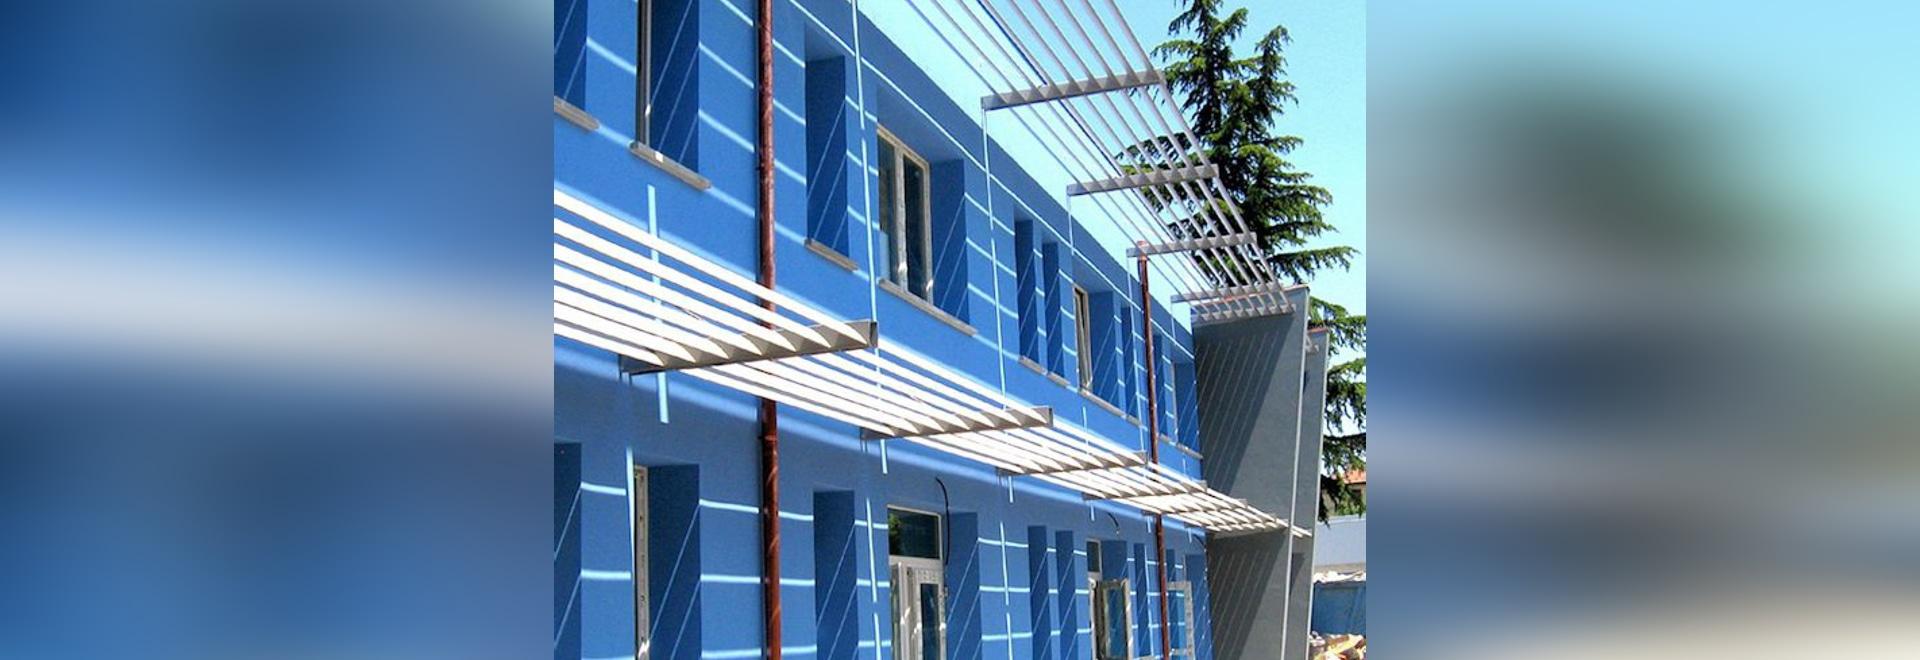 NOUVEAU : ombrage solaire en aluminium par le GROUPE S.R.L. de MAPIER.